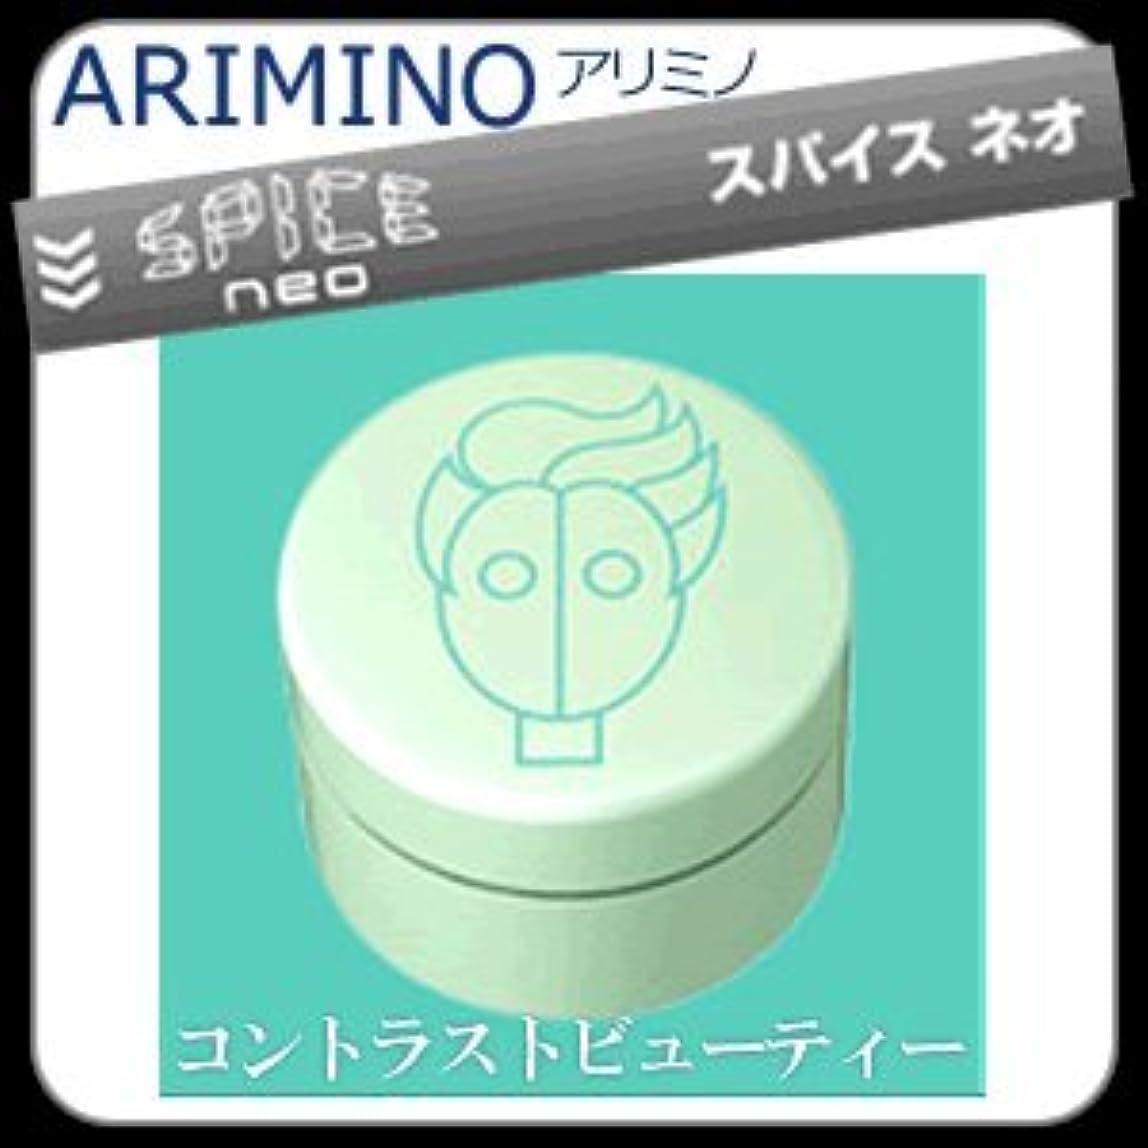 ワーディアンケース絞る約【X5個セット】 アリミノ スパイスネオ GREASE-WAX グリースワックス 100g ARIMINO SPICE neo